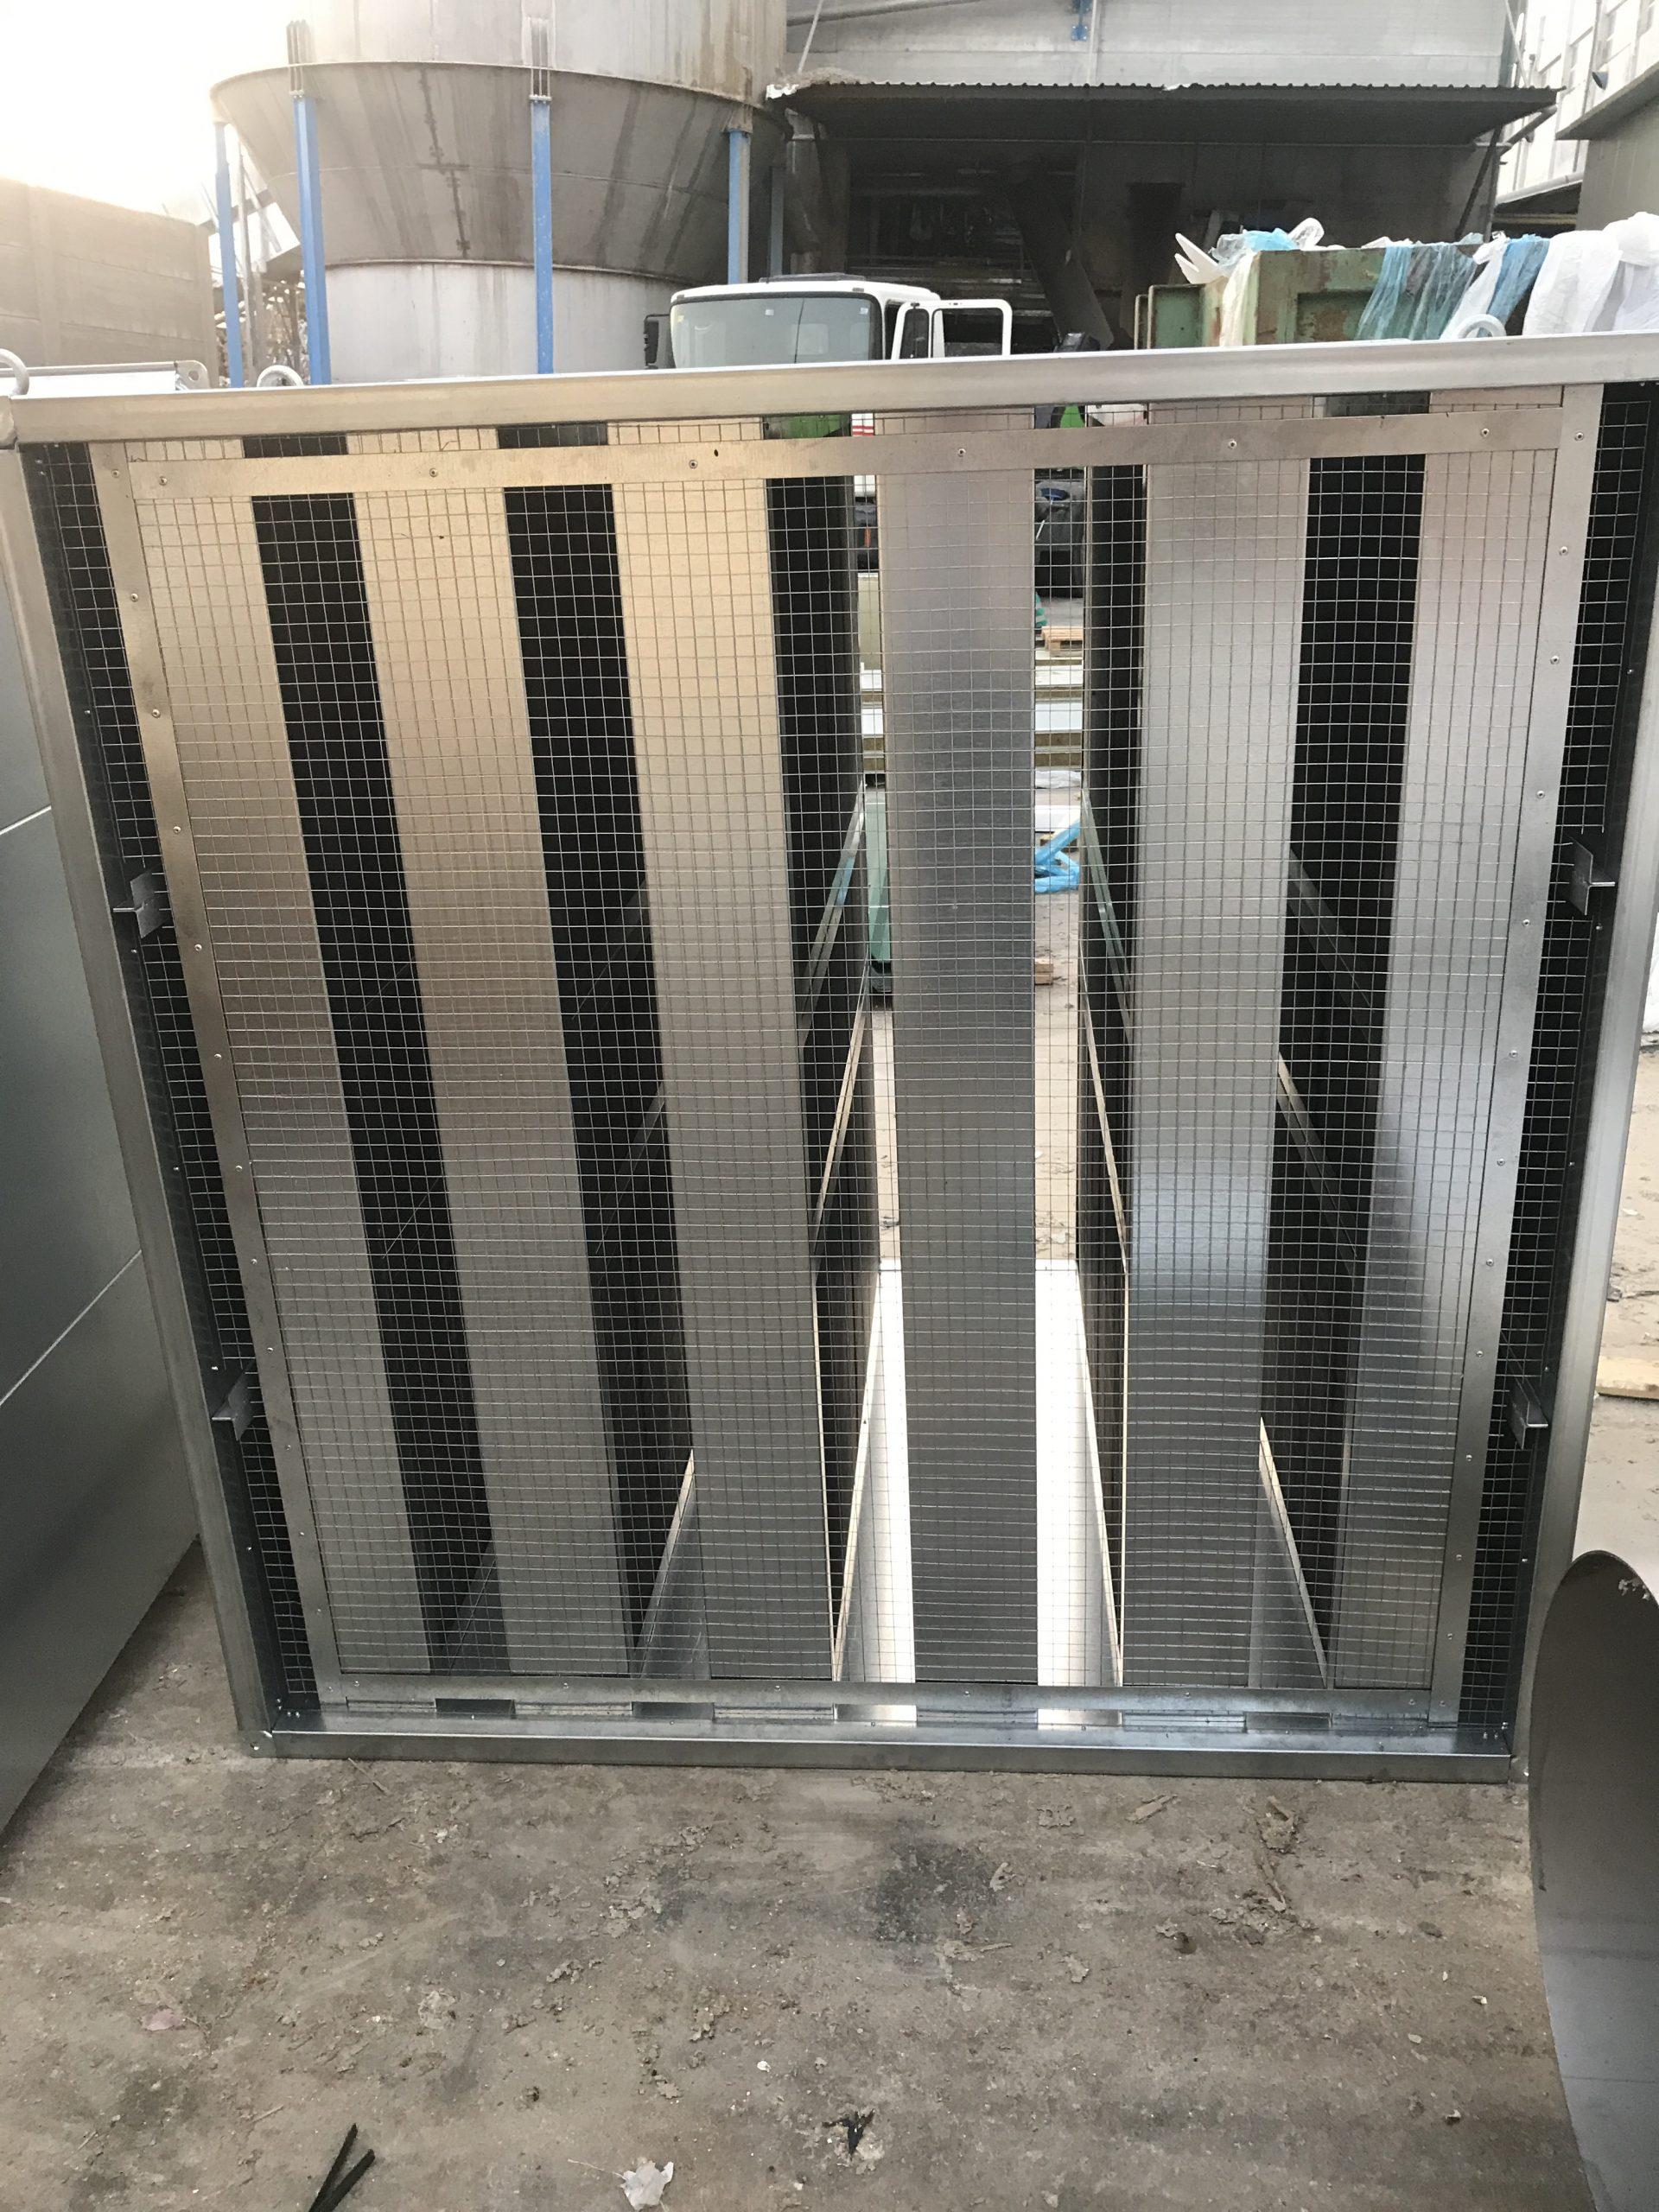 silenciador de ventilación rectangular con malla. Ventiladores de techo silenciosos. Ventilador de pie silencioso